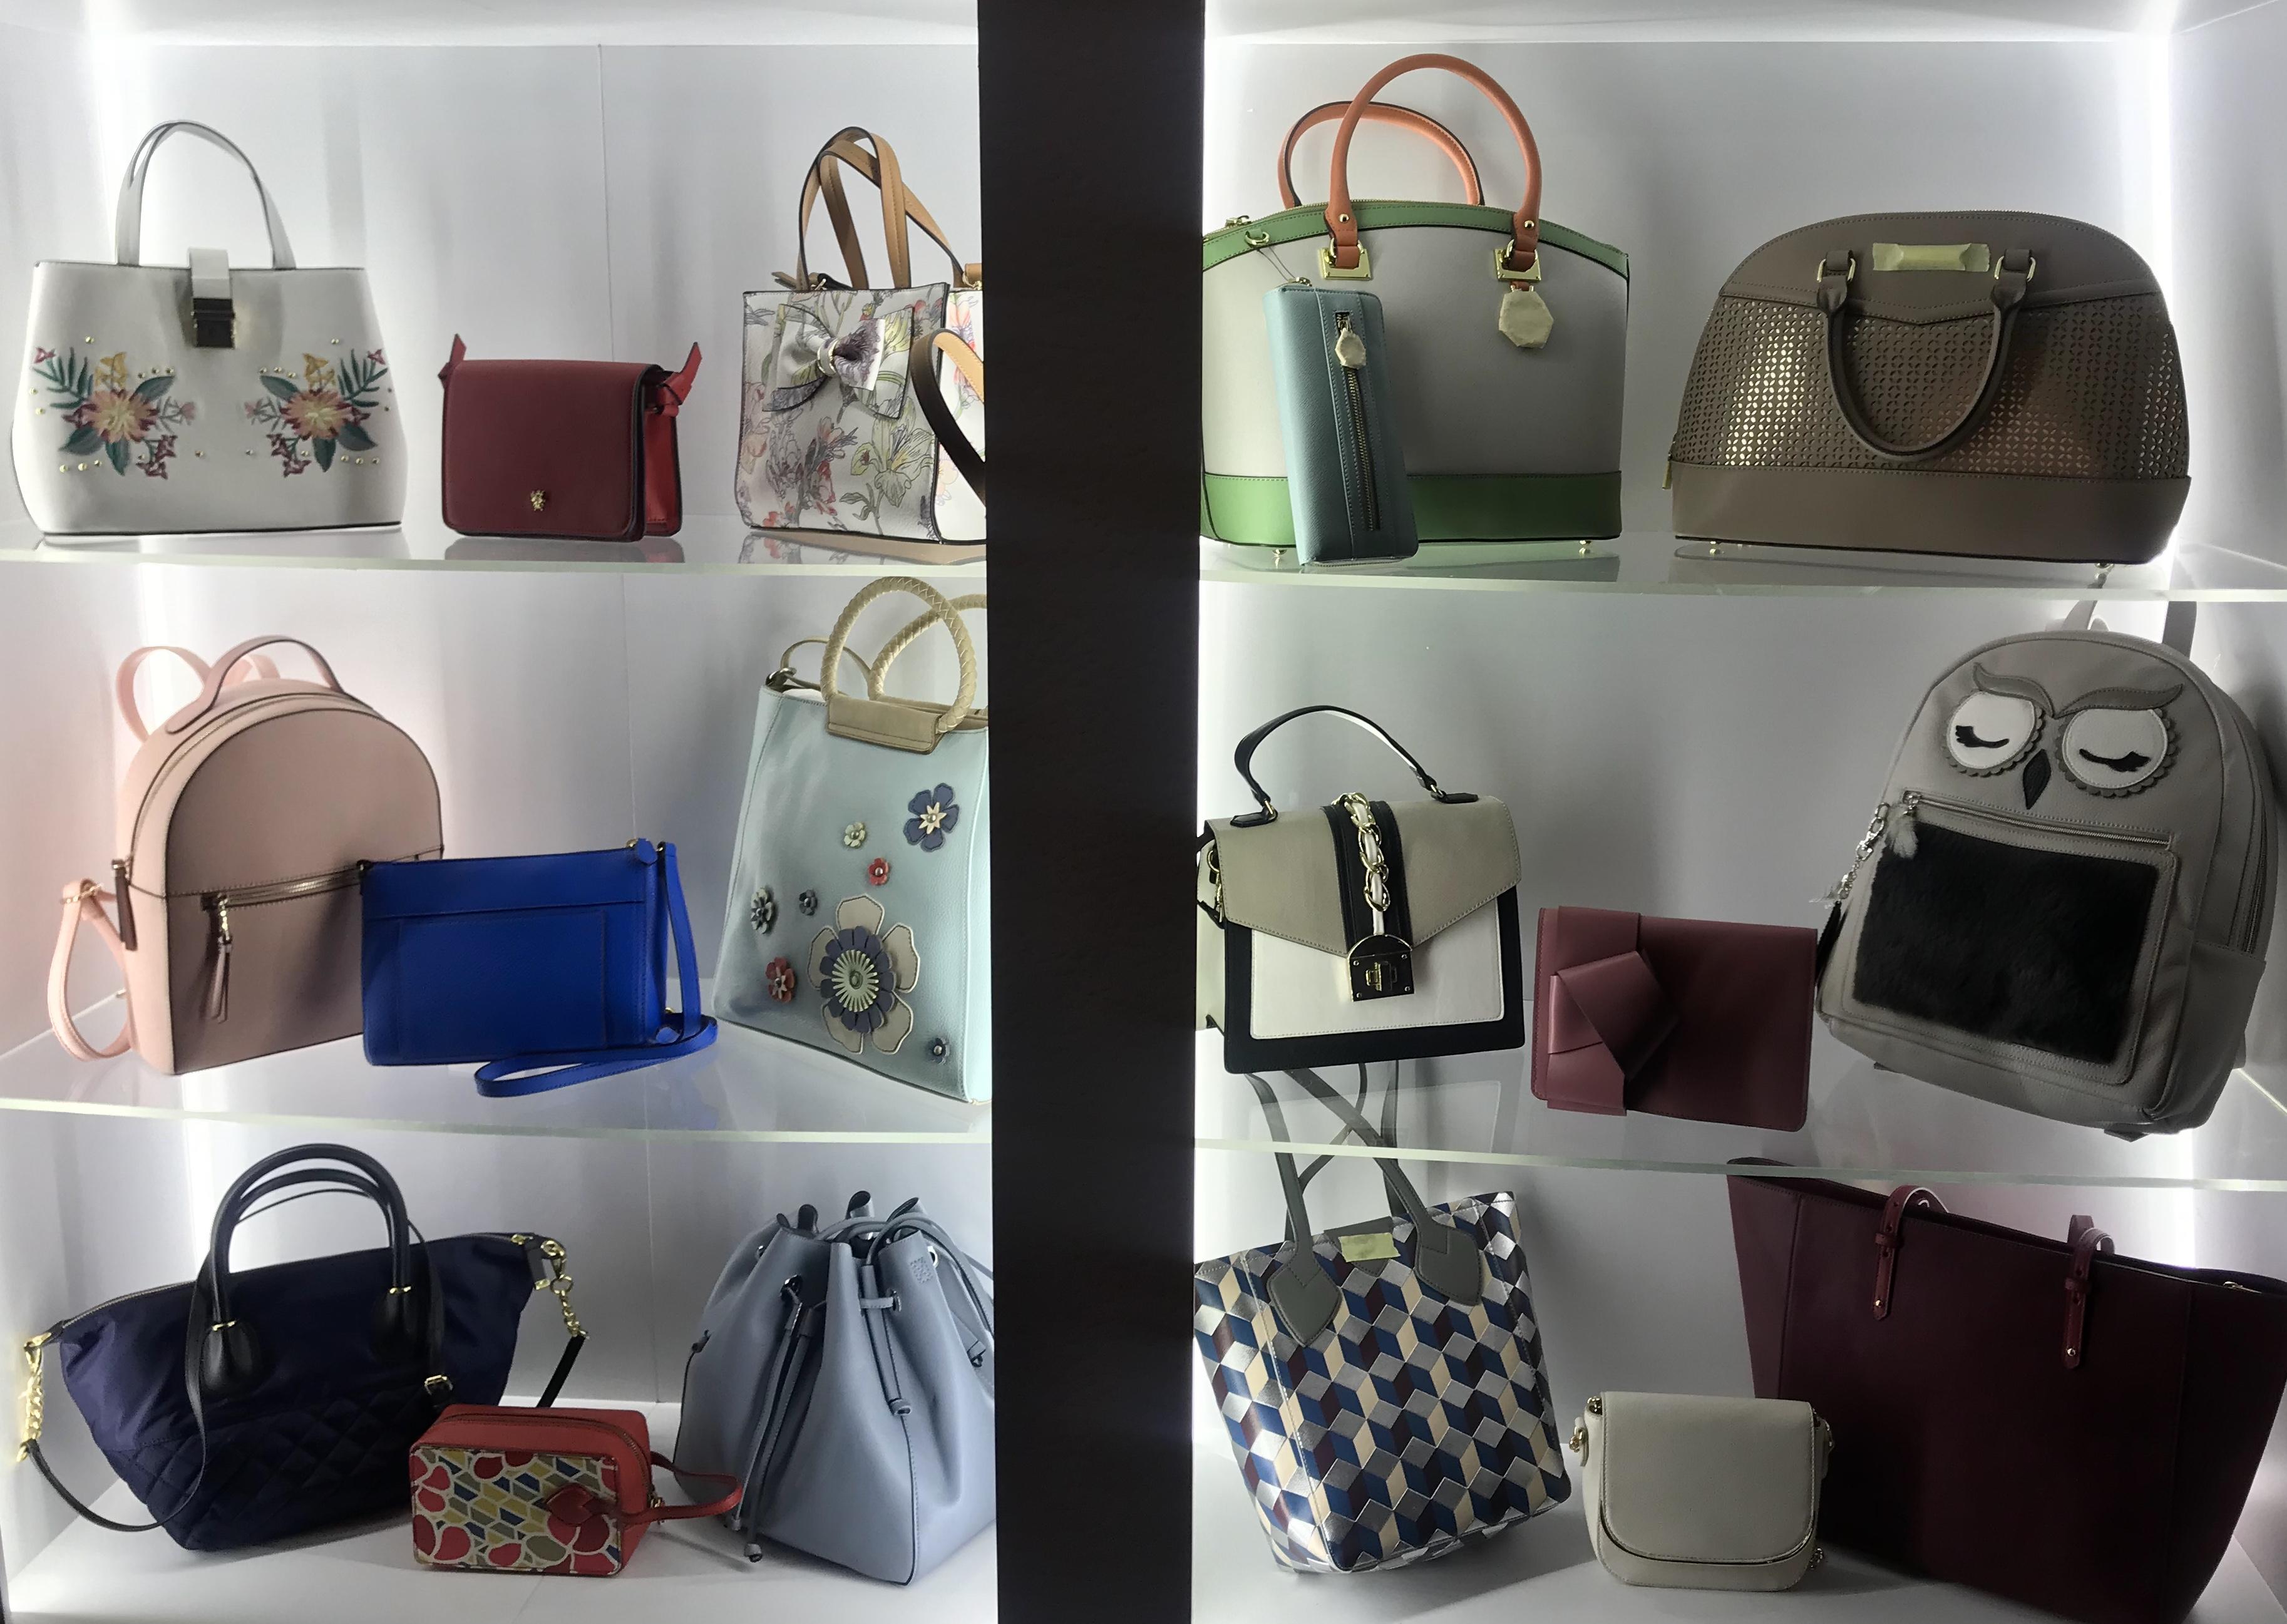 Wah Sun Handbags samples.